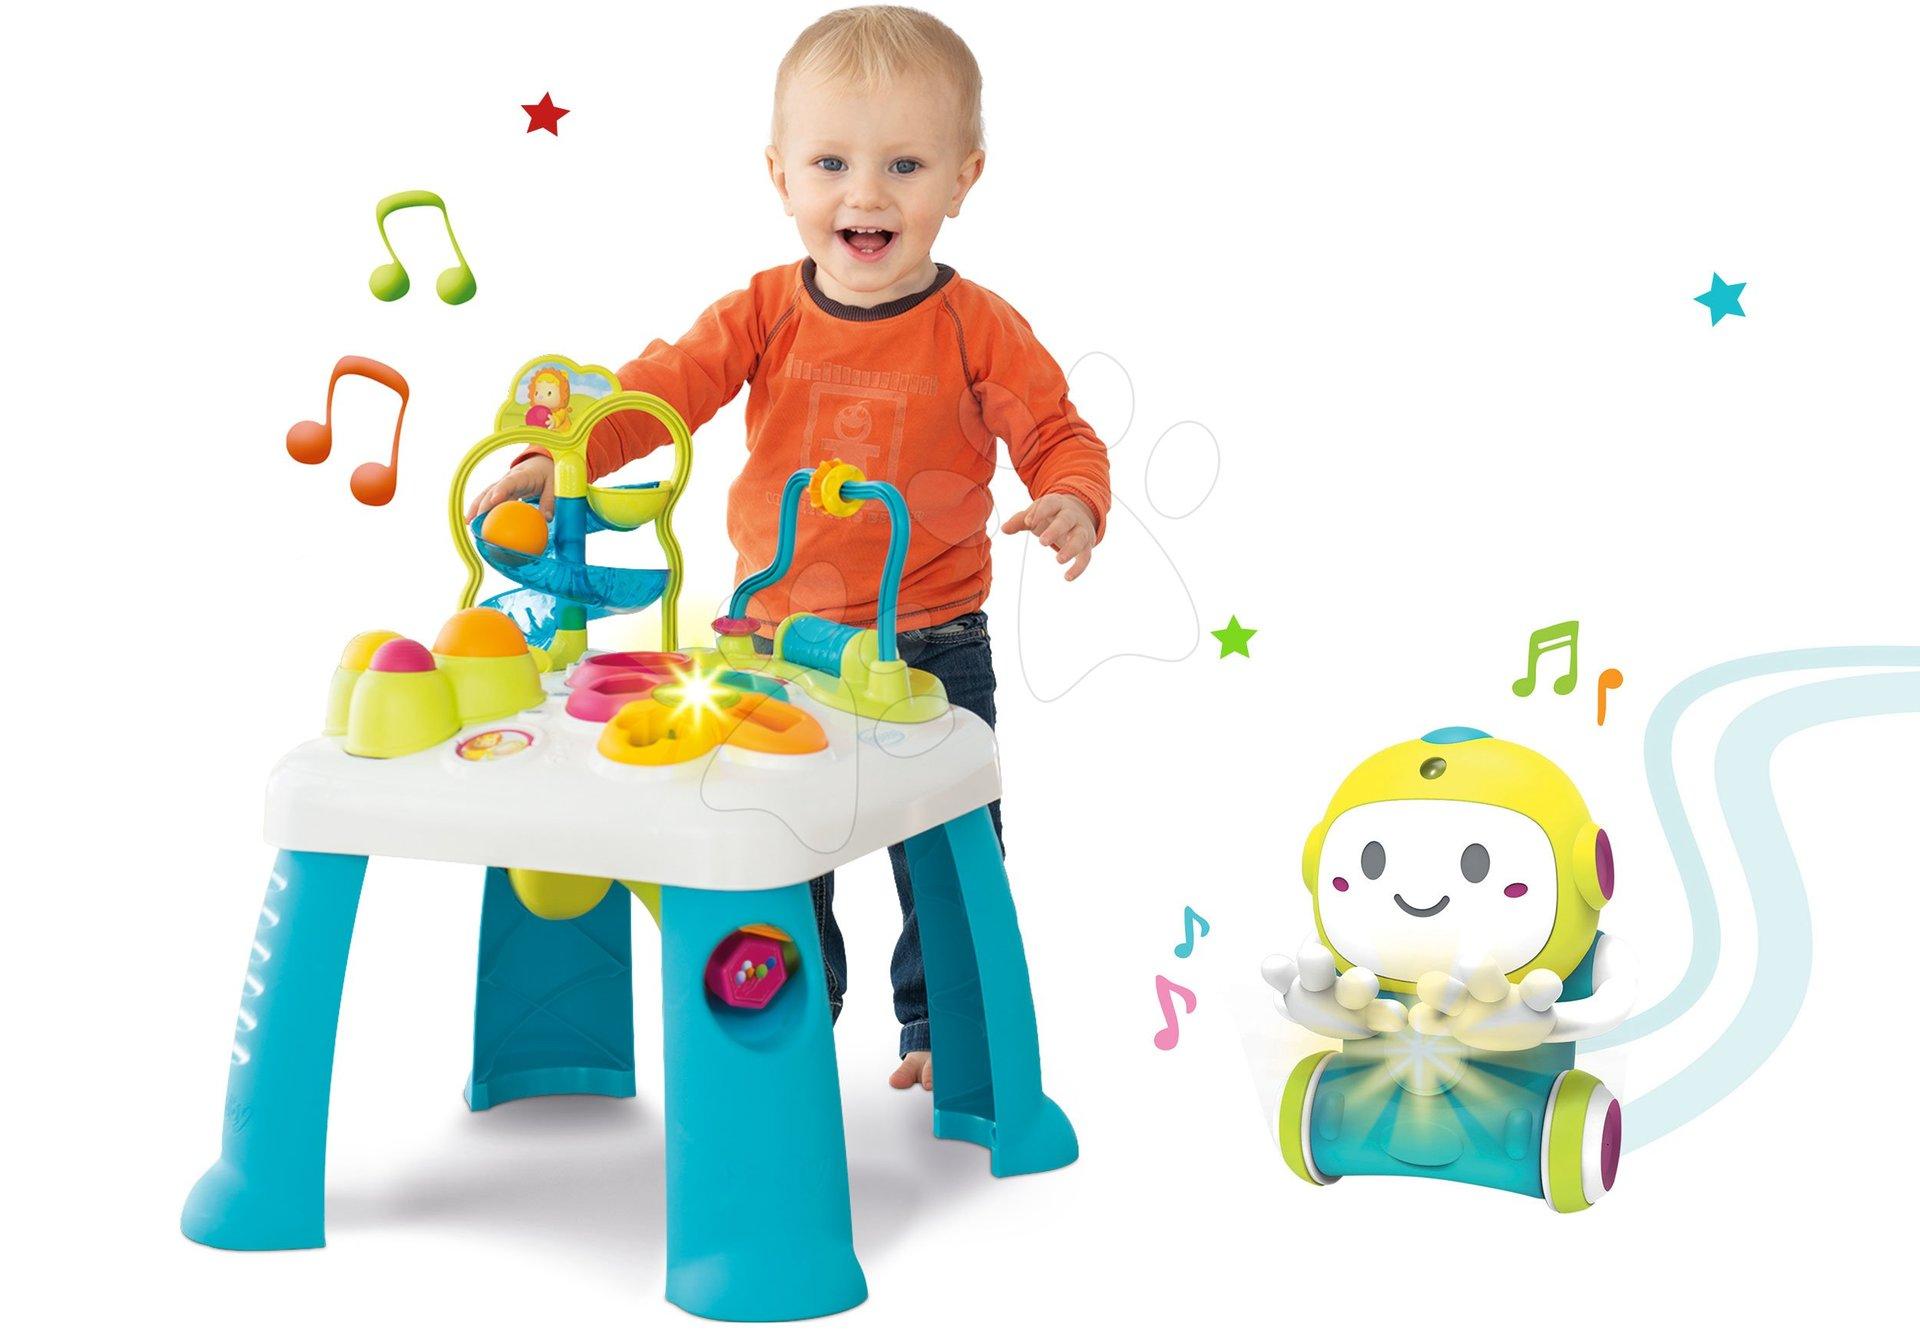 Interaktivní hudební stoly - Set didaktický stůl Activity Table Cotoons Smoby se zvukem světlem a interaktivní Robot 1,2,3 Smart s pohybovým senzorem a 2 hrami